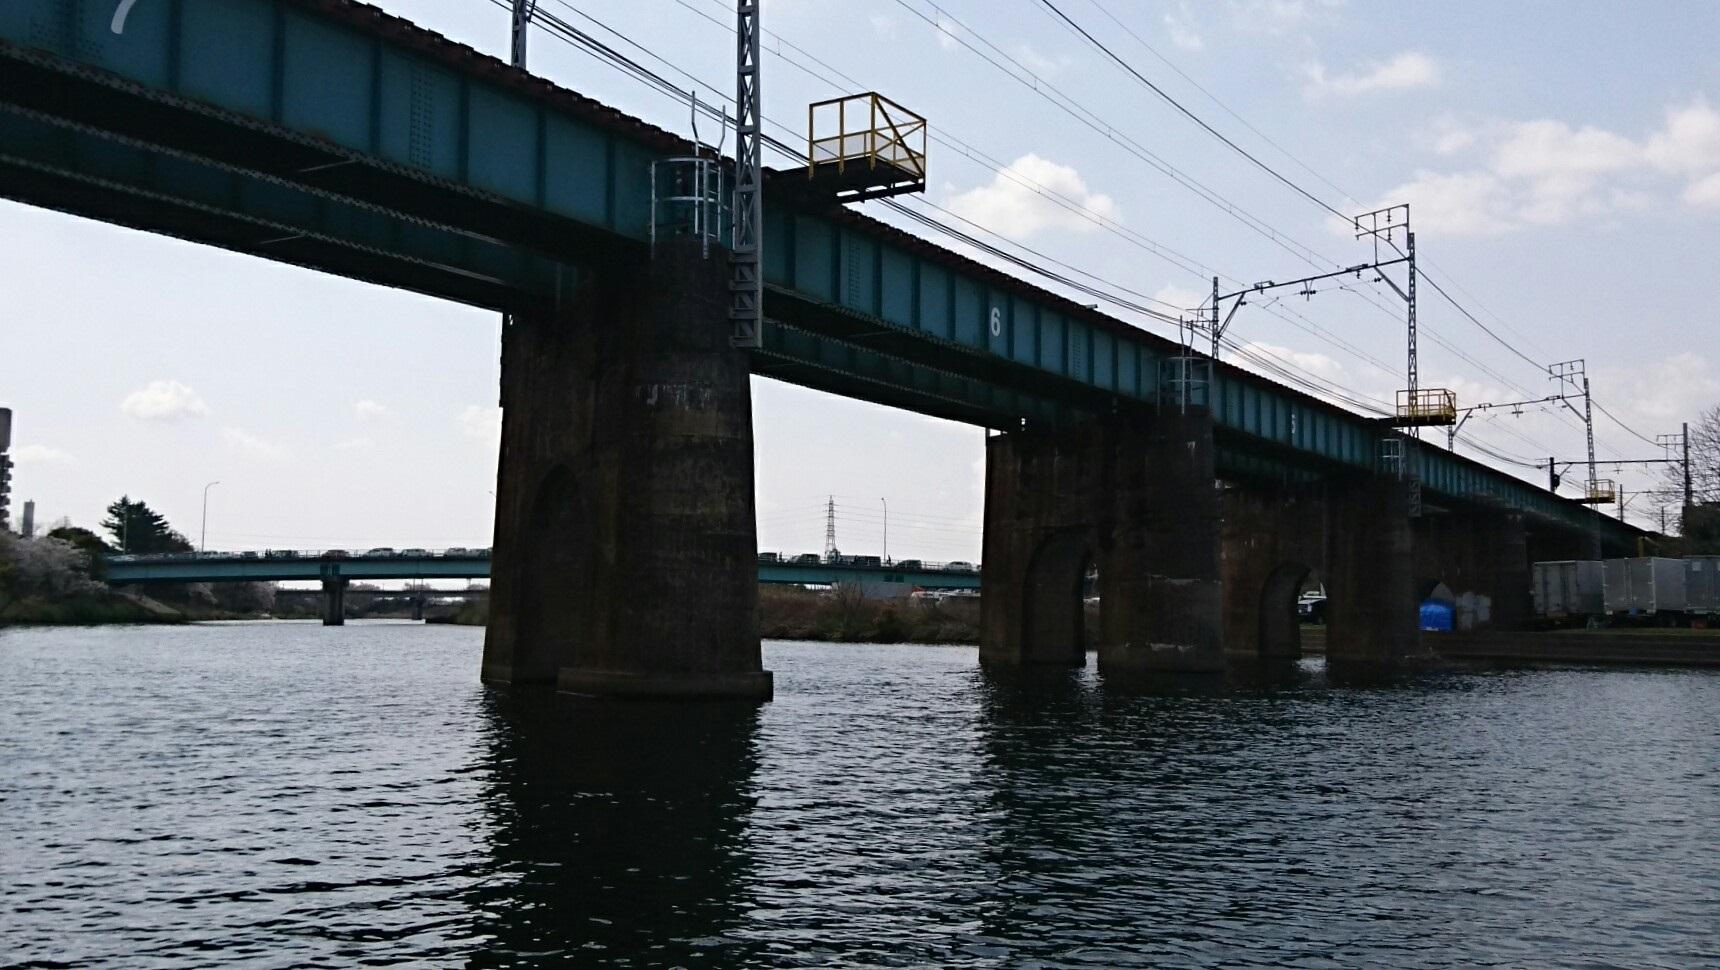 2018.3.31 岡崎ふなあそび (25) くだり - 名古屋本線鉄橋 1720-970